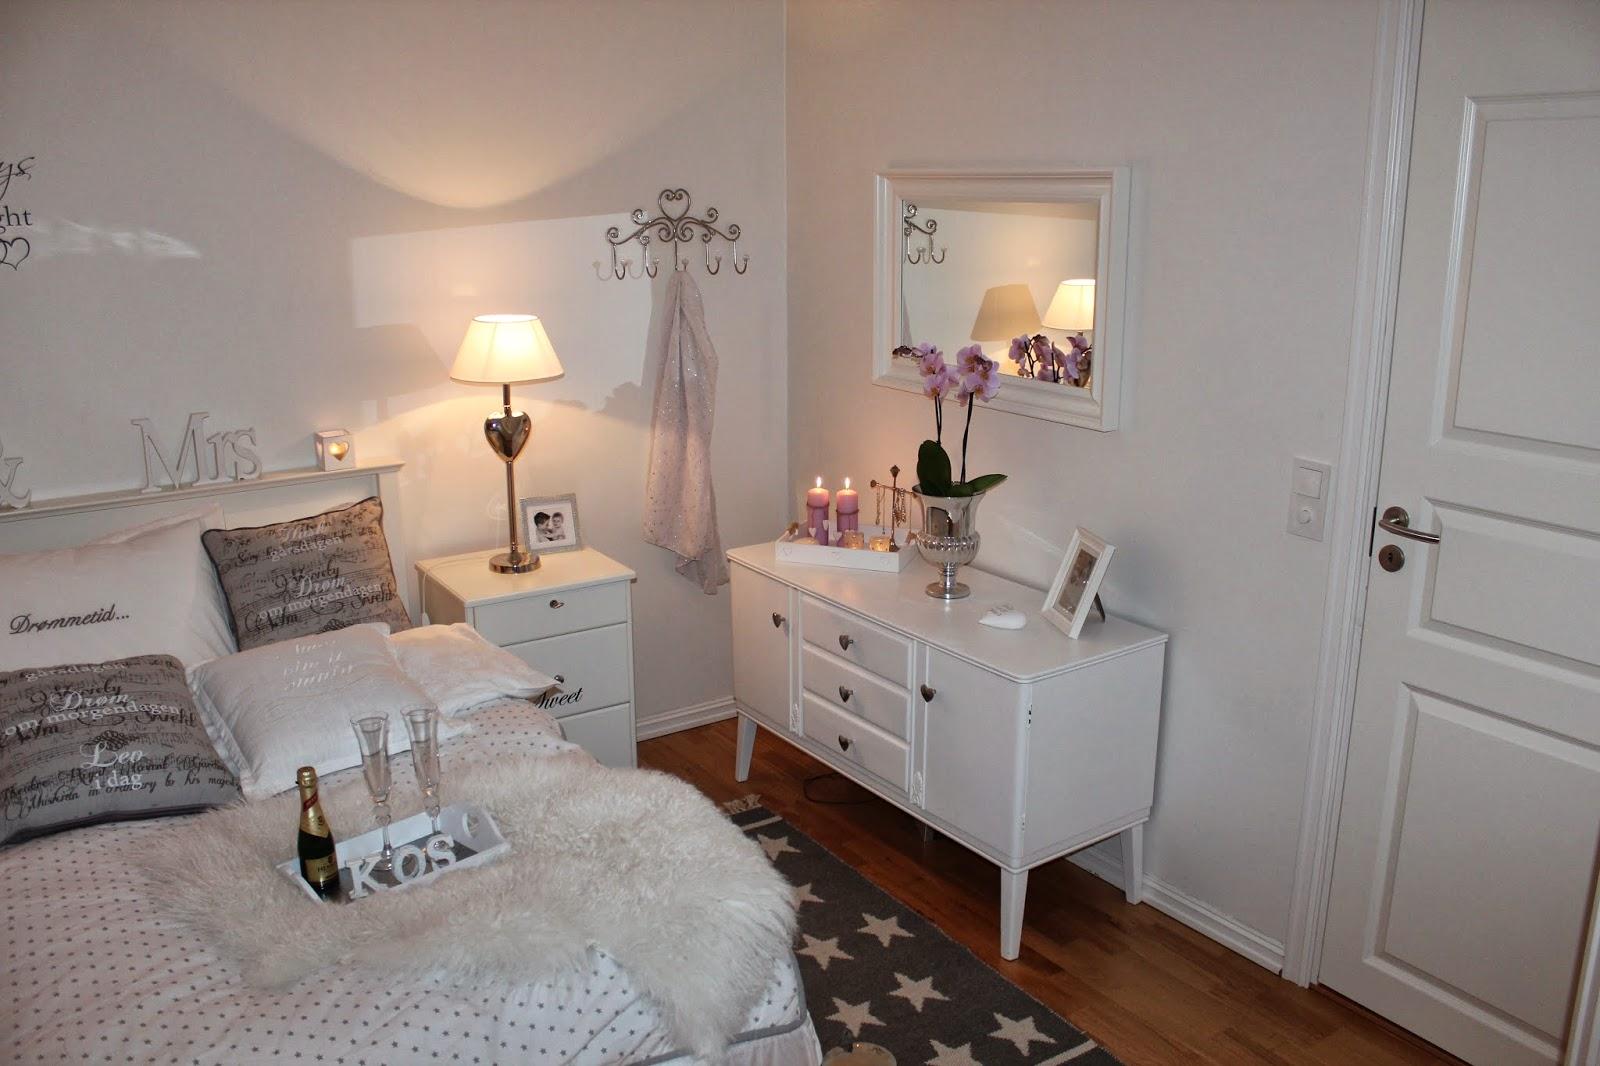 Habitaciones de matrimonio los 10 imprescindibles hoy lowcost - Como decorar una habitacion moderna ...